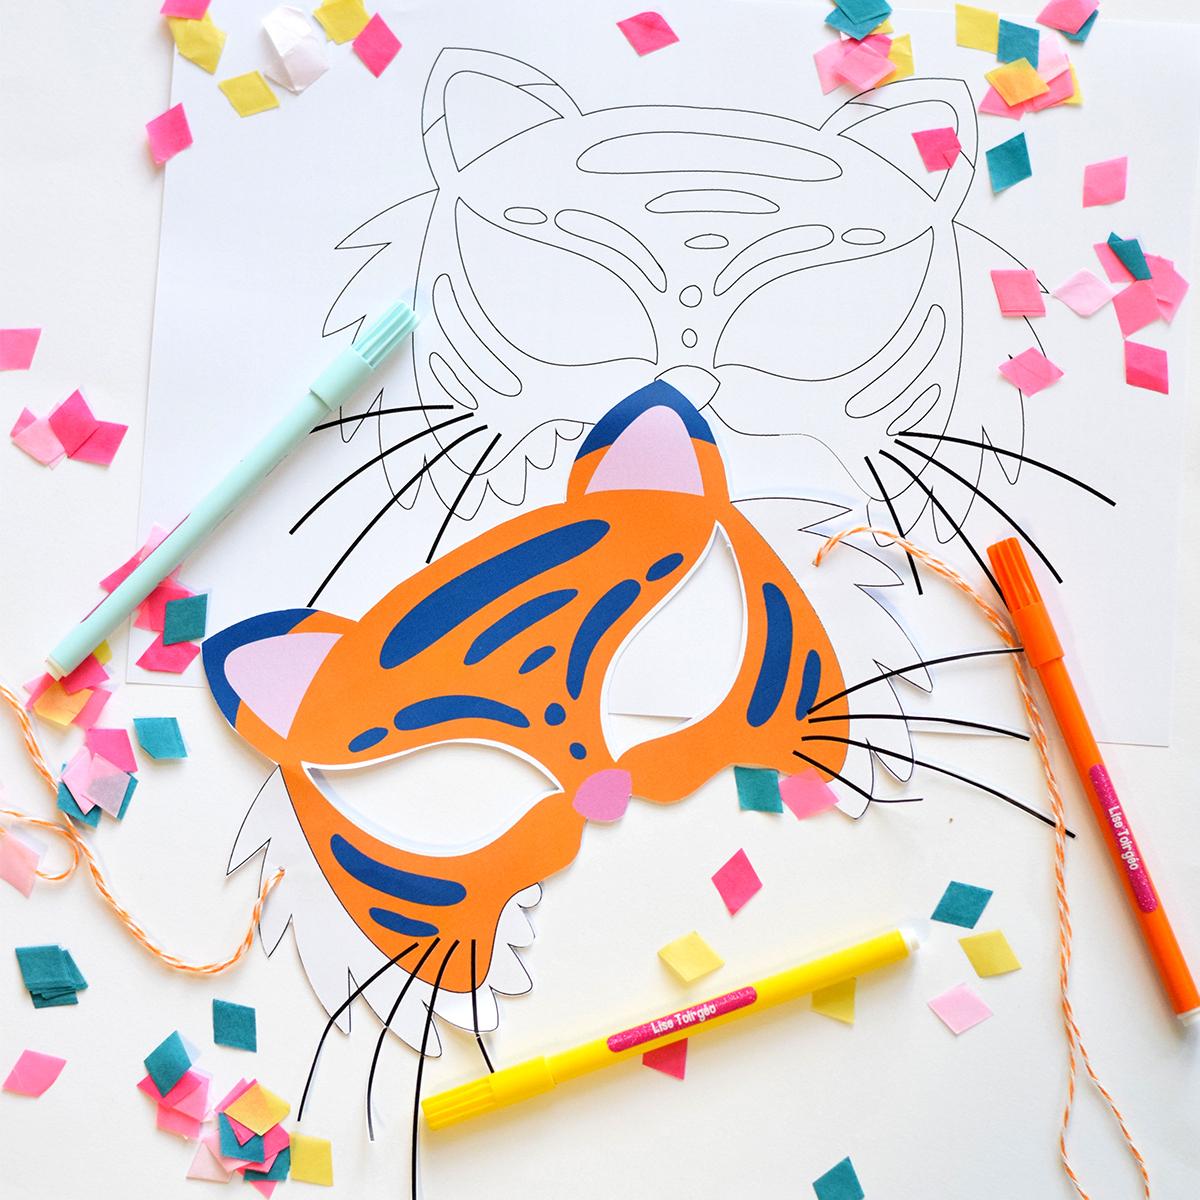 Masque À Imprimer : L'activité Spéciale Carnaval Pour Les tout Decoupage A Imprimer Gratuit